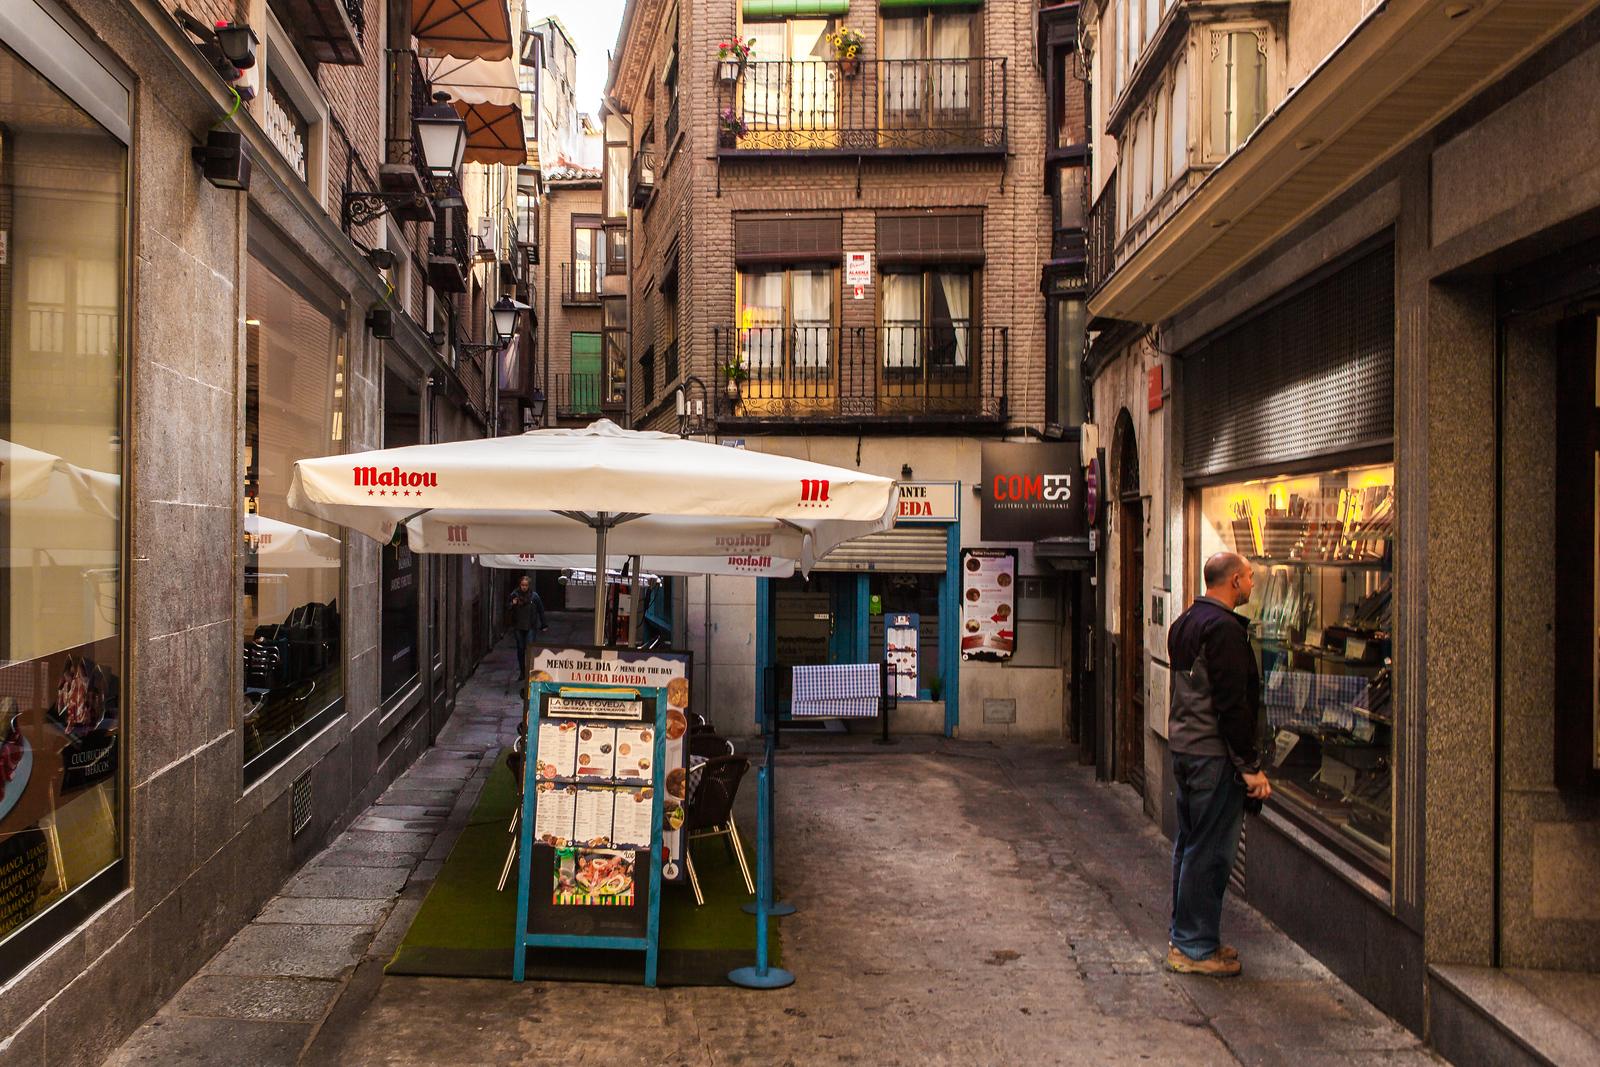 西班牙小镇的街景